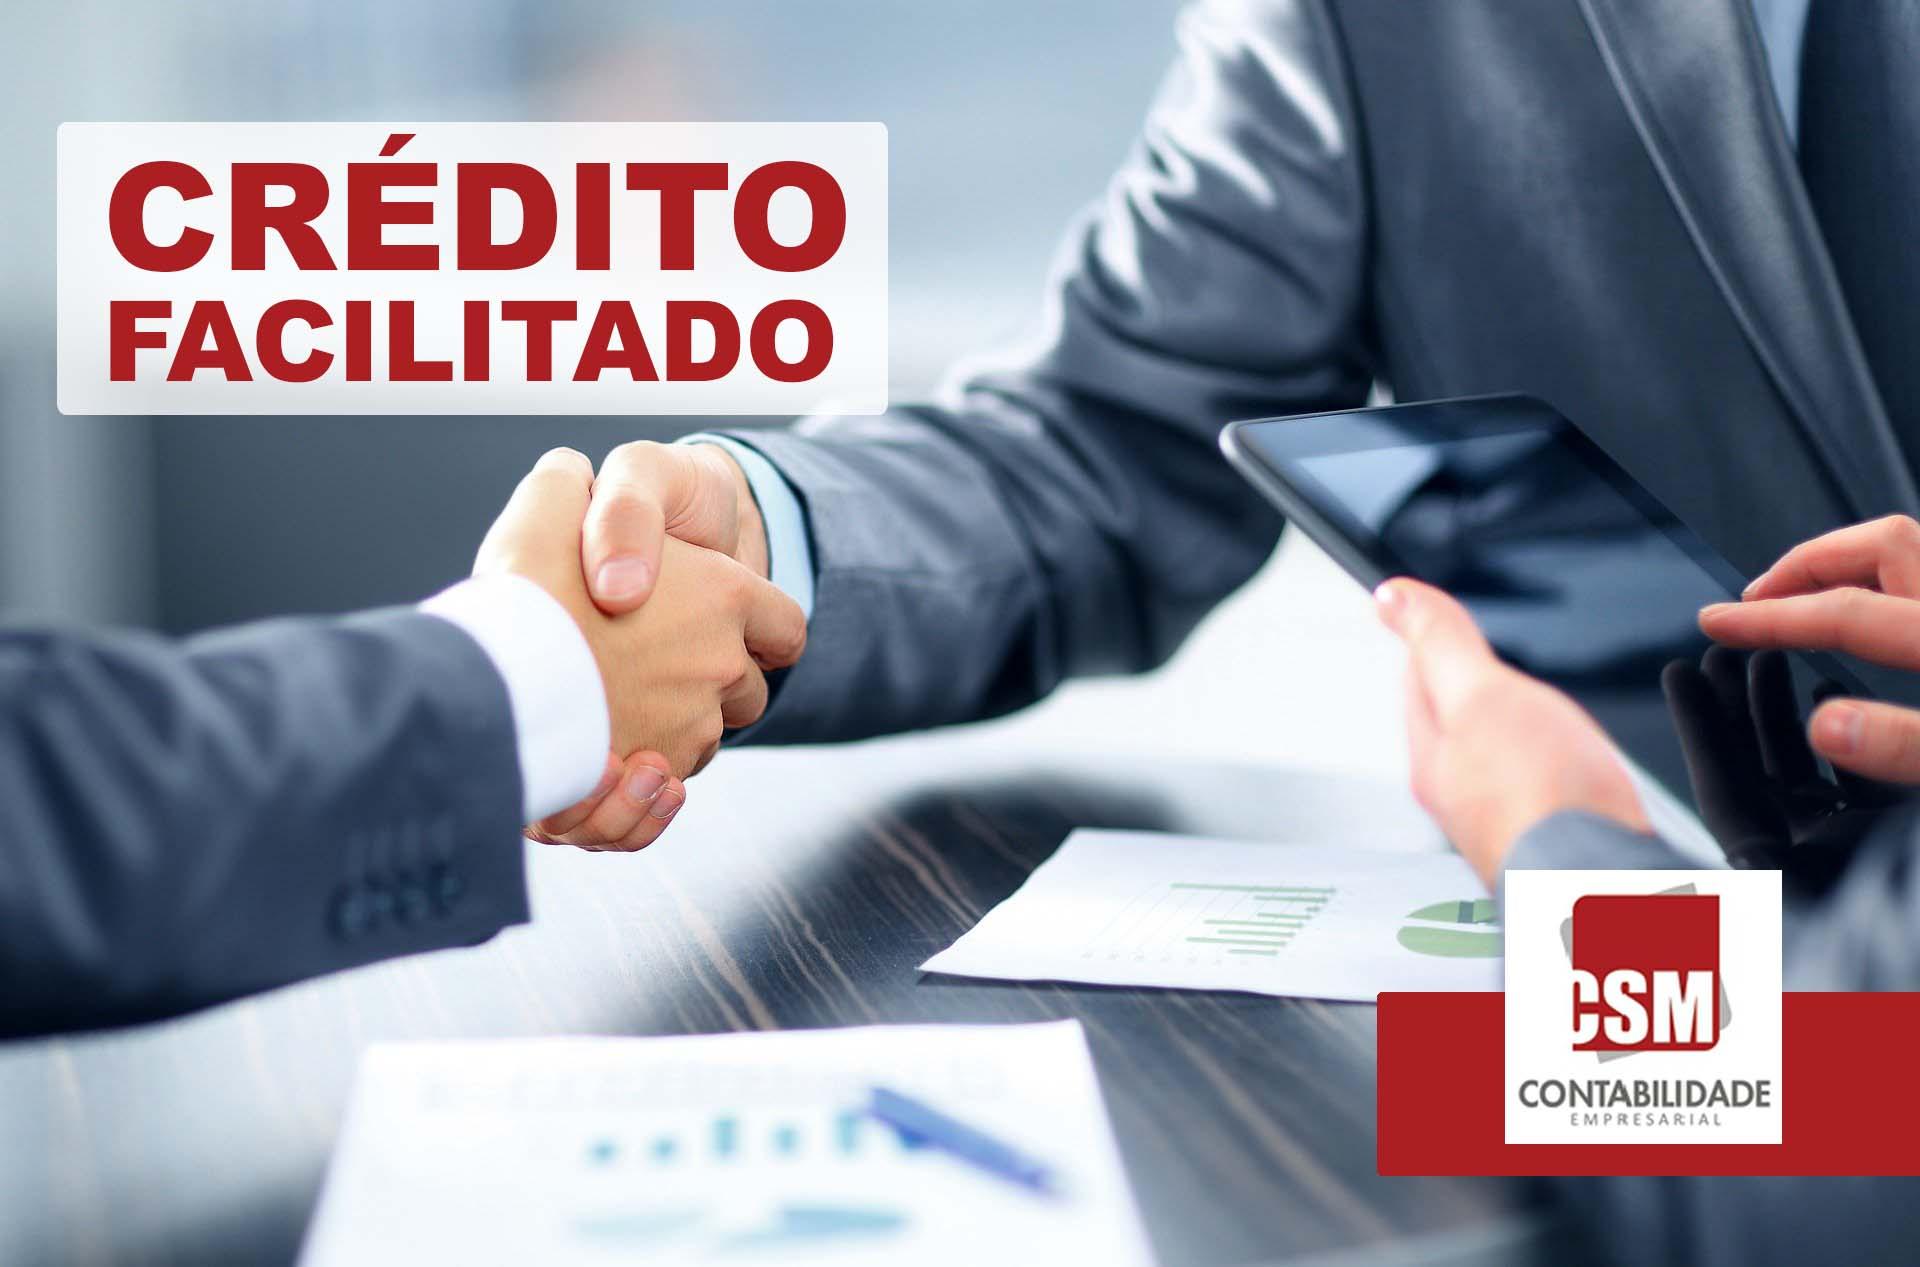 Governo simplifica exigências para contratação e renegociação de créditos públicos